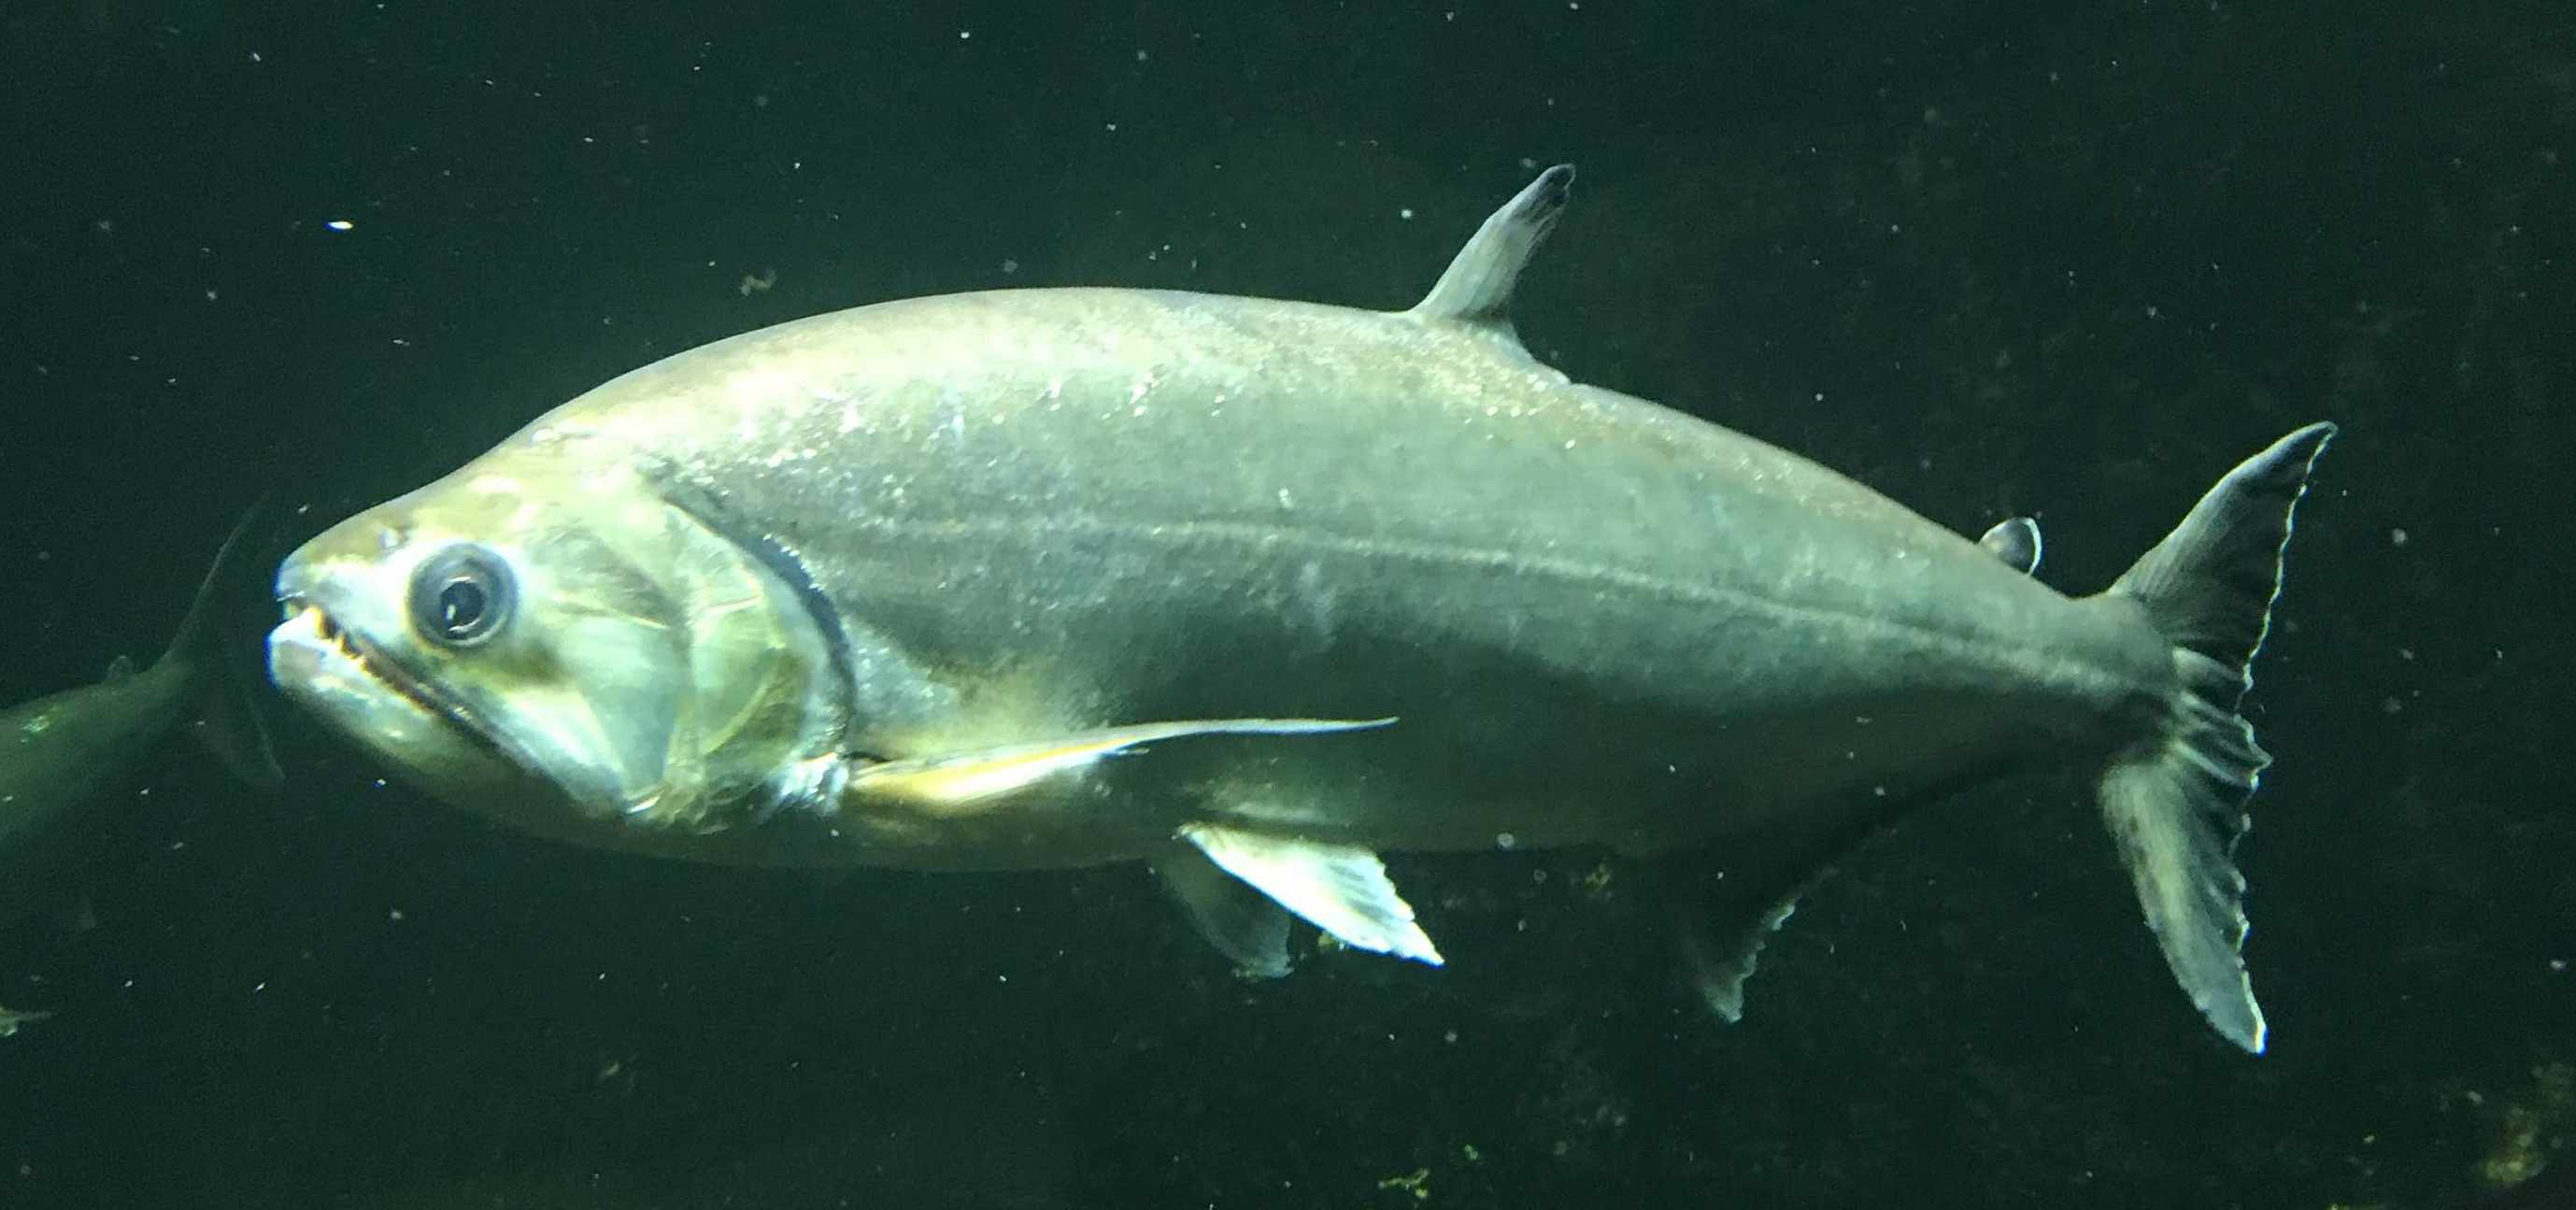 Hydrolycus armatus fish underwater